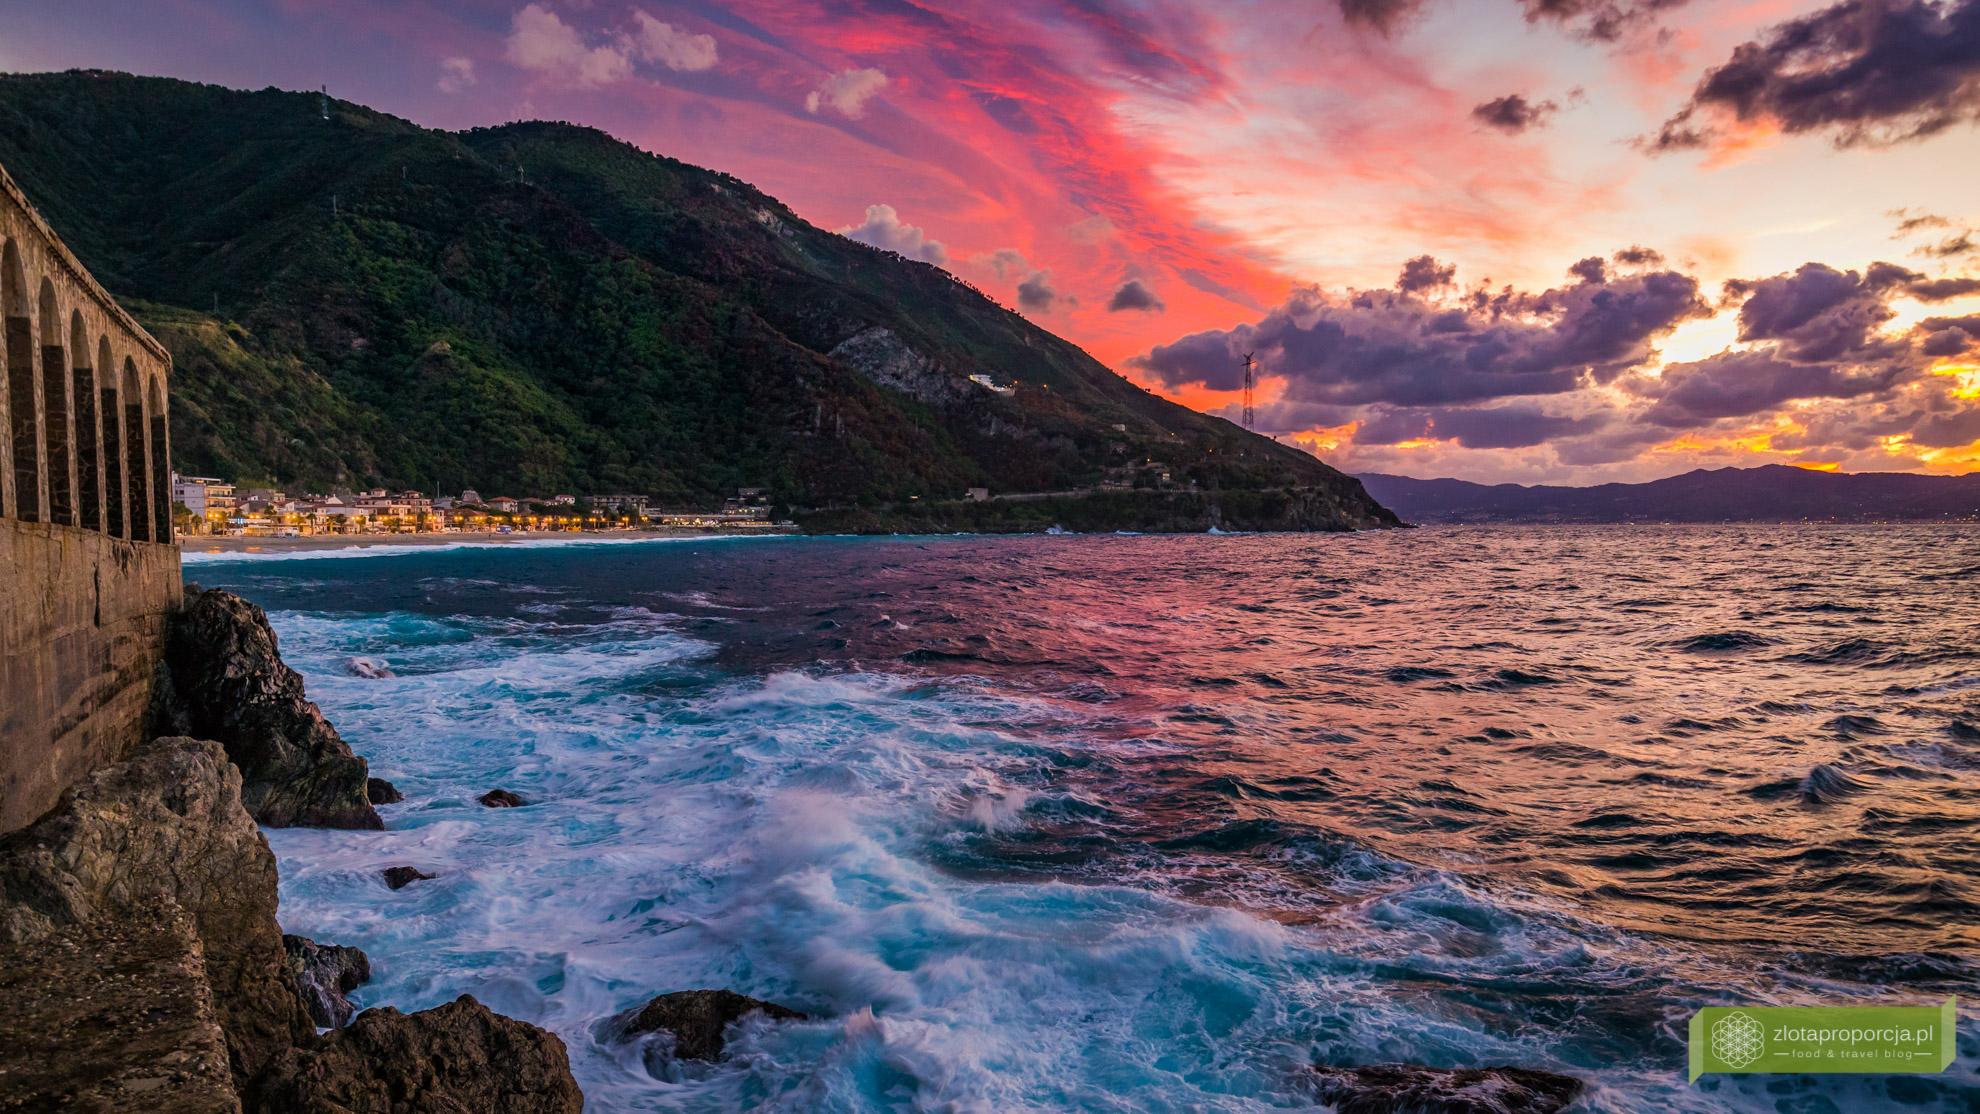 Scilla, Kalabria, Scilla atrakcje, Scilla co zobaczyć, Chianalea, Włochy, Kalabria atrakcje, zachód słońca Scilla, Costa Viola, Fioletowe Wybrzeże